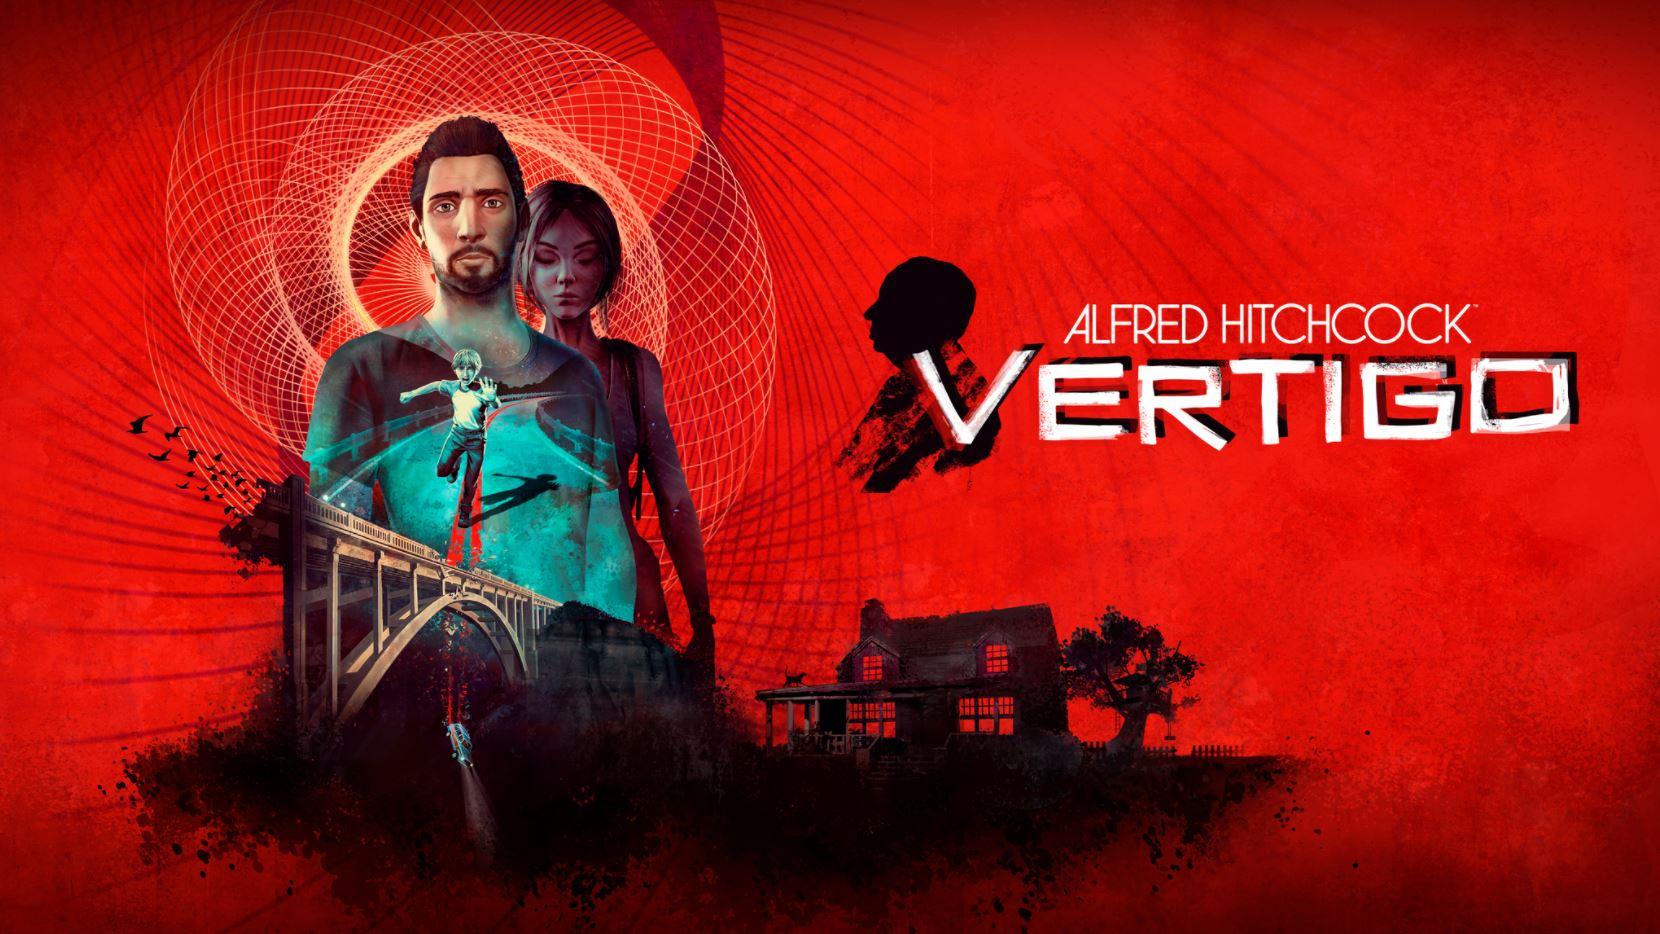 alfred-hitchcock-vertigo-ps5-ps4-news-reviews-videos